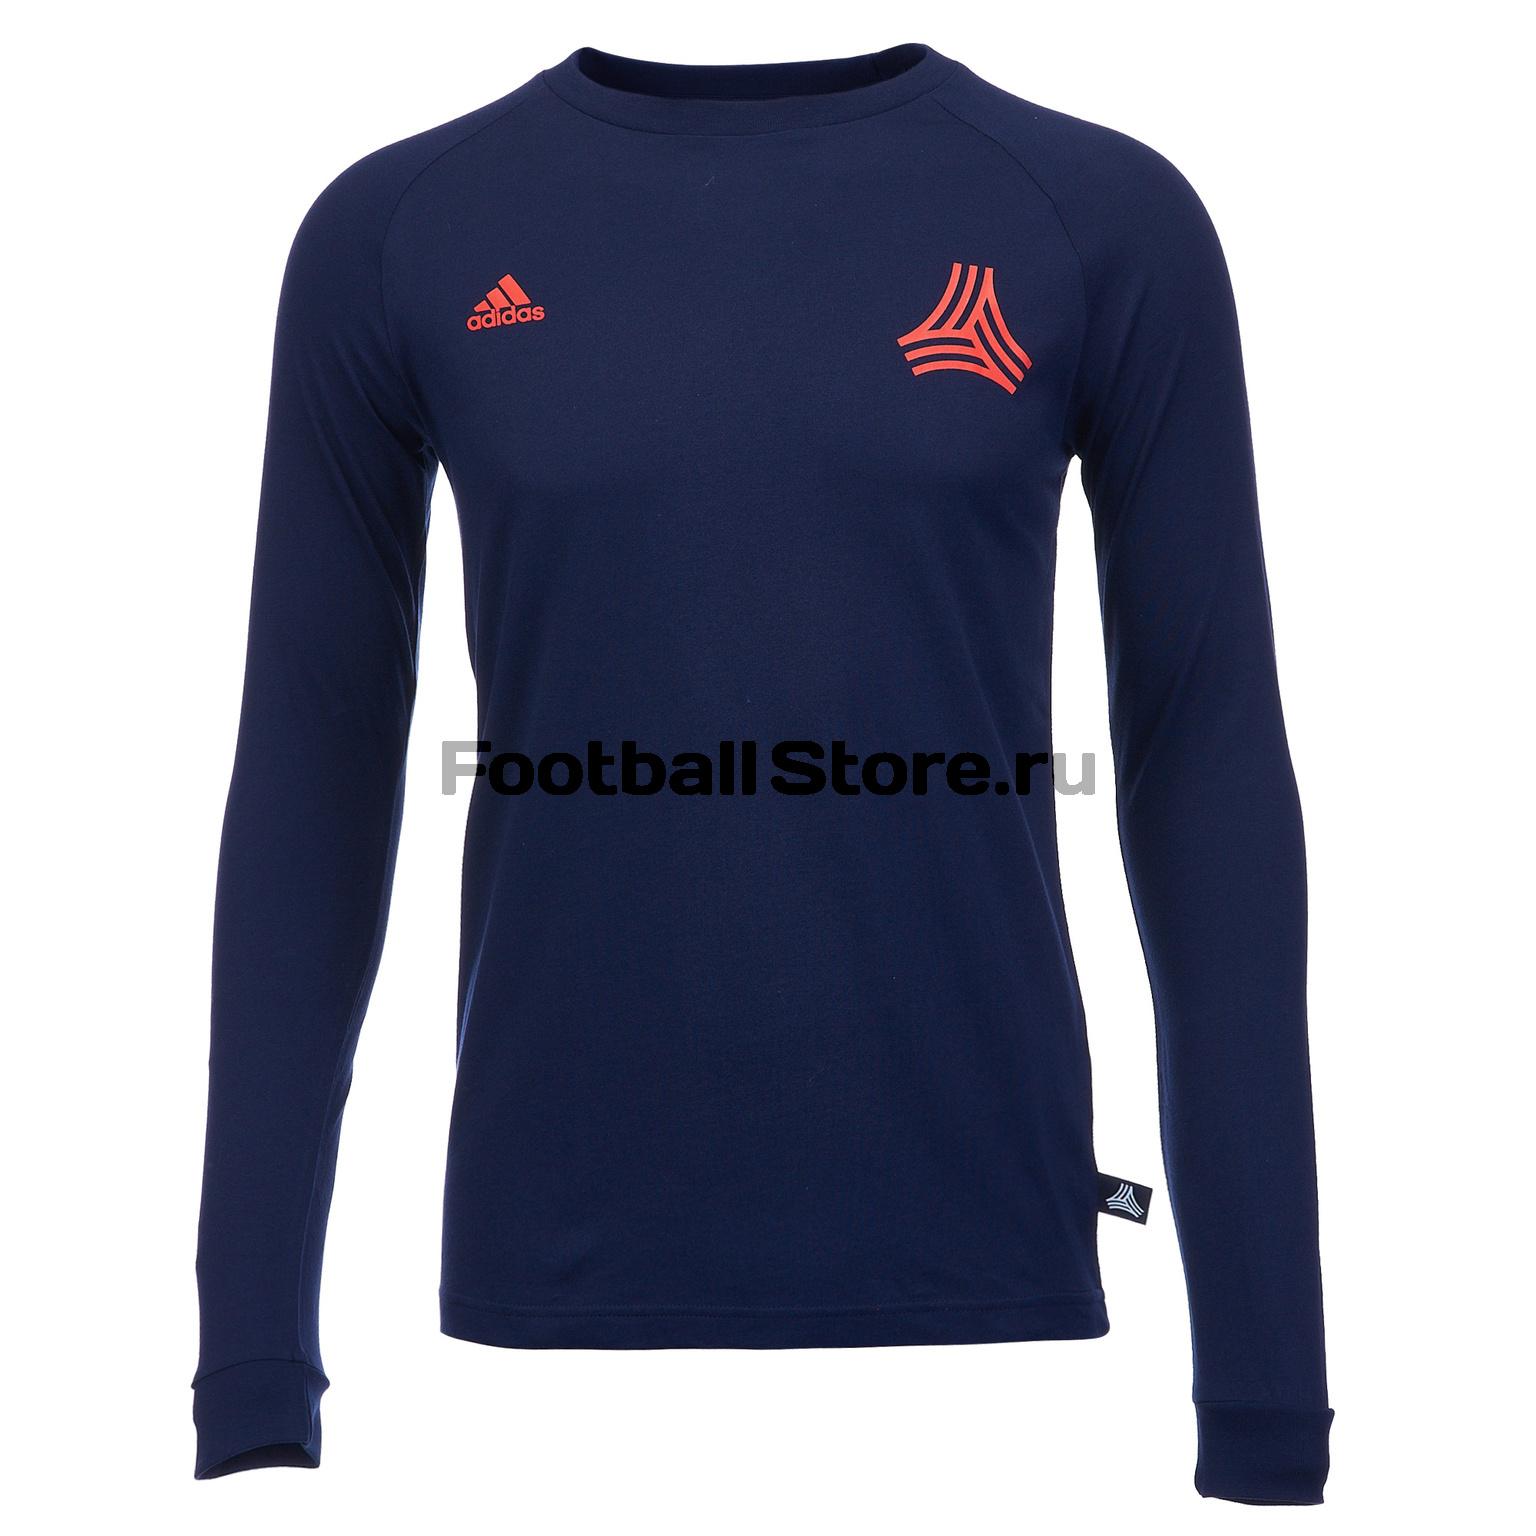 Футболка с длинным рукавом Adidas Tango Tee DJ1498 рюкзак adidas football street dt5142